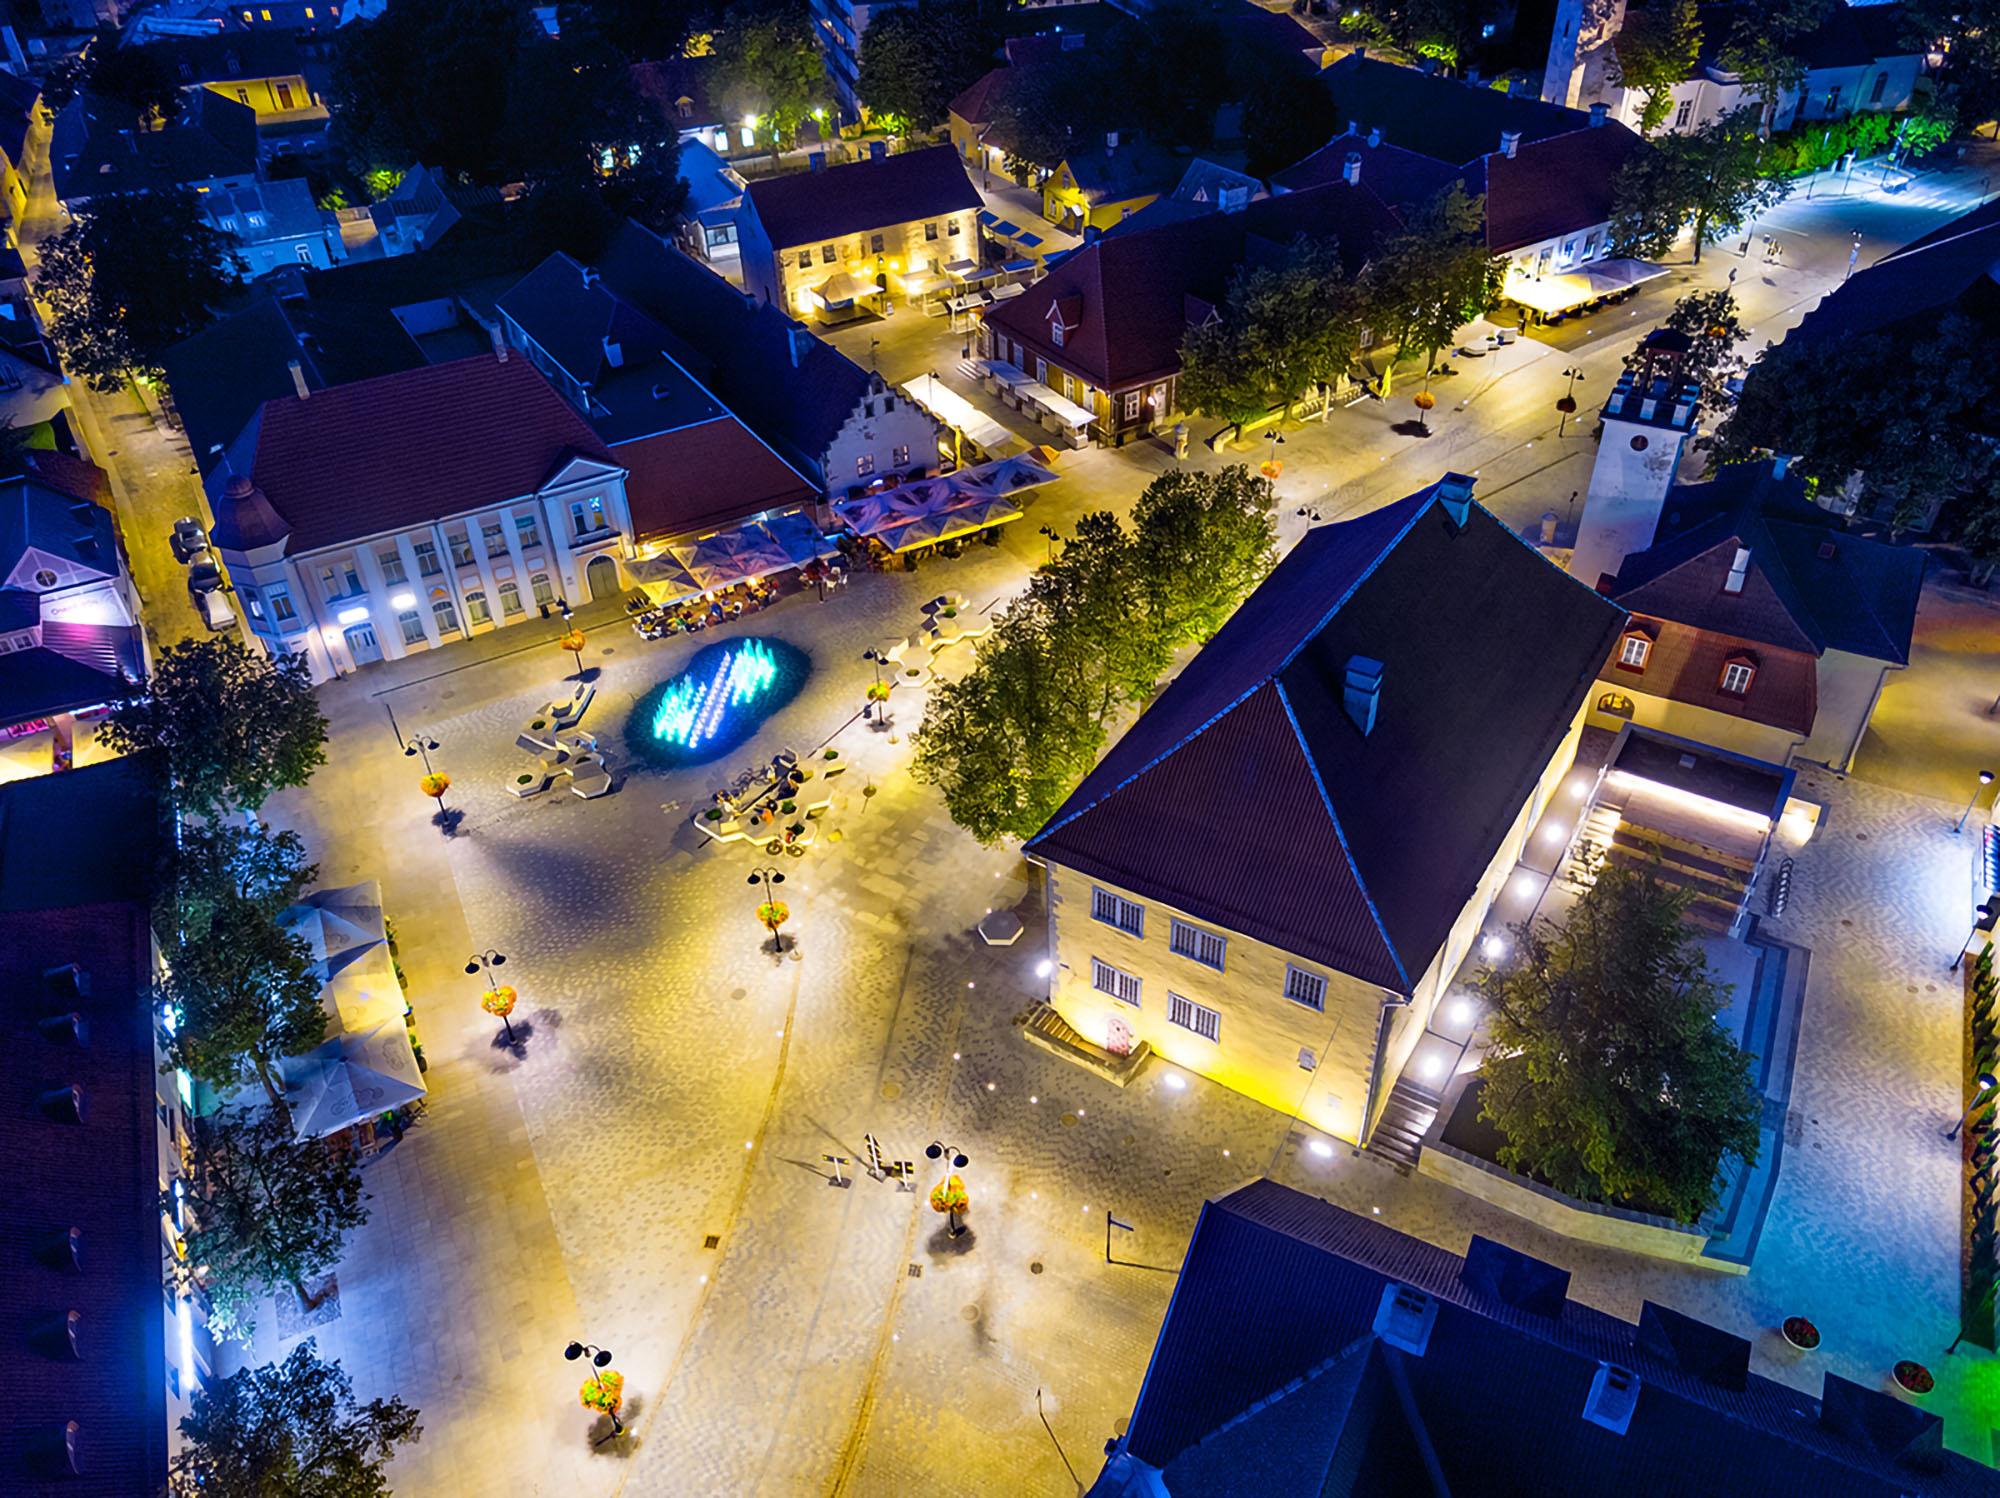 03_Kuressaare piazza centrale ©Tiit Veermäe